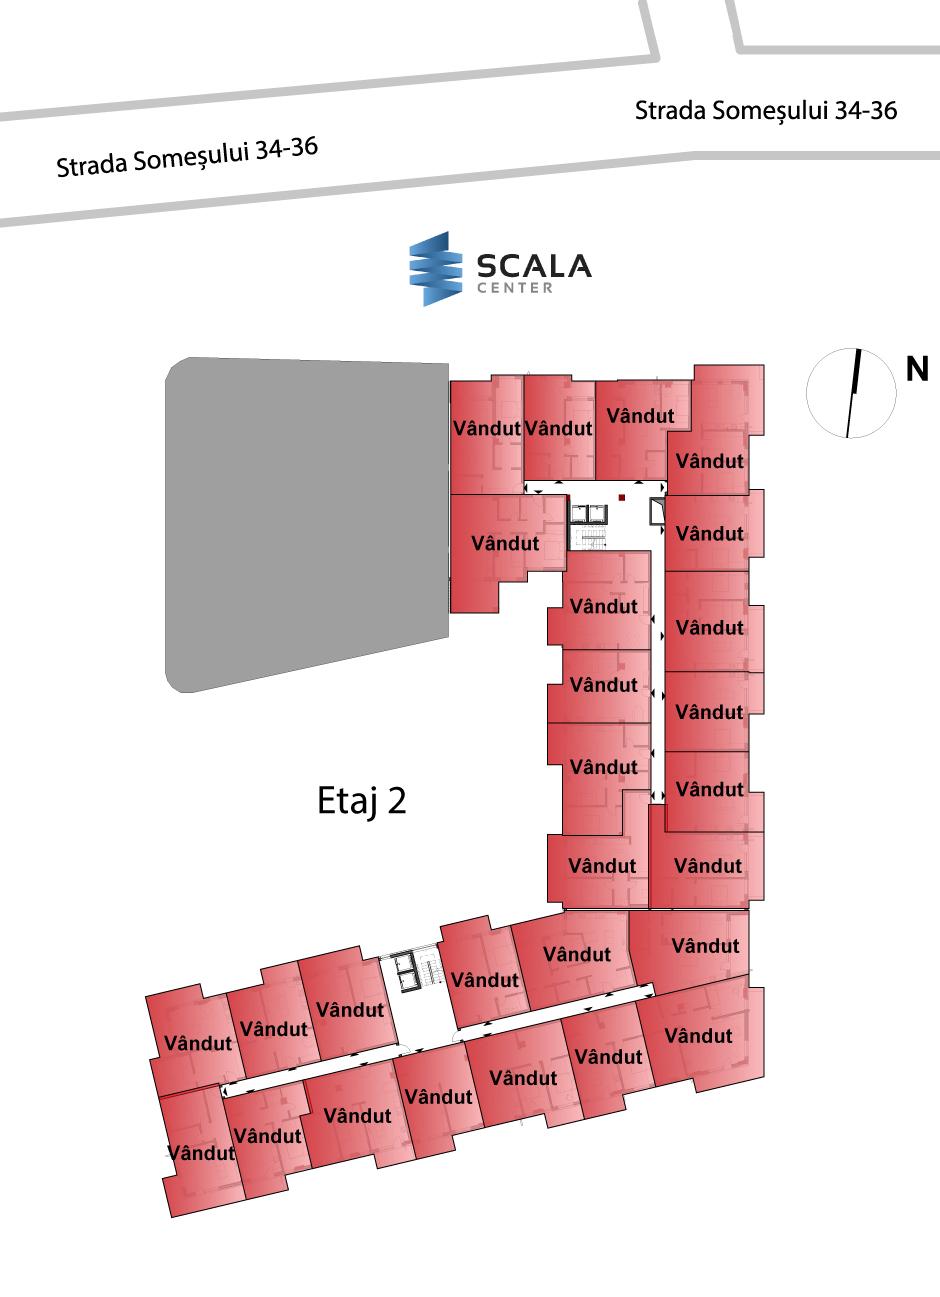 scala center plan etaj 2